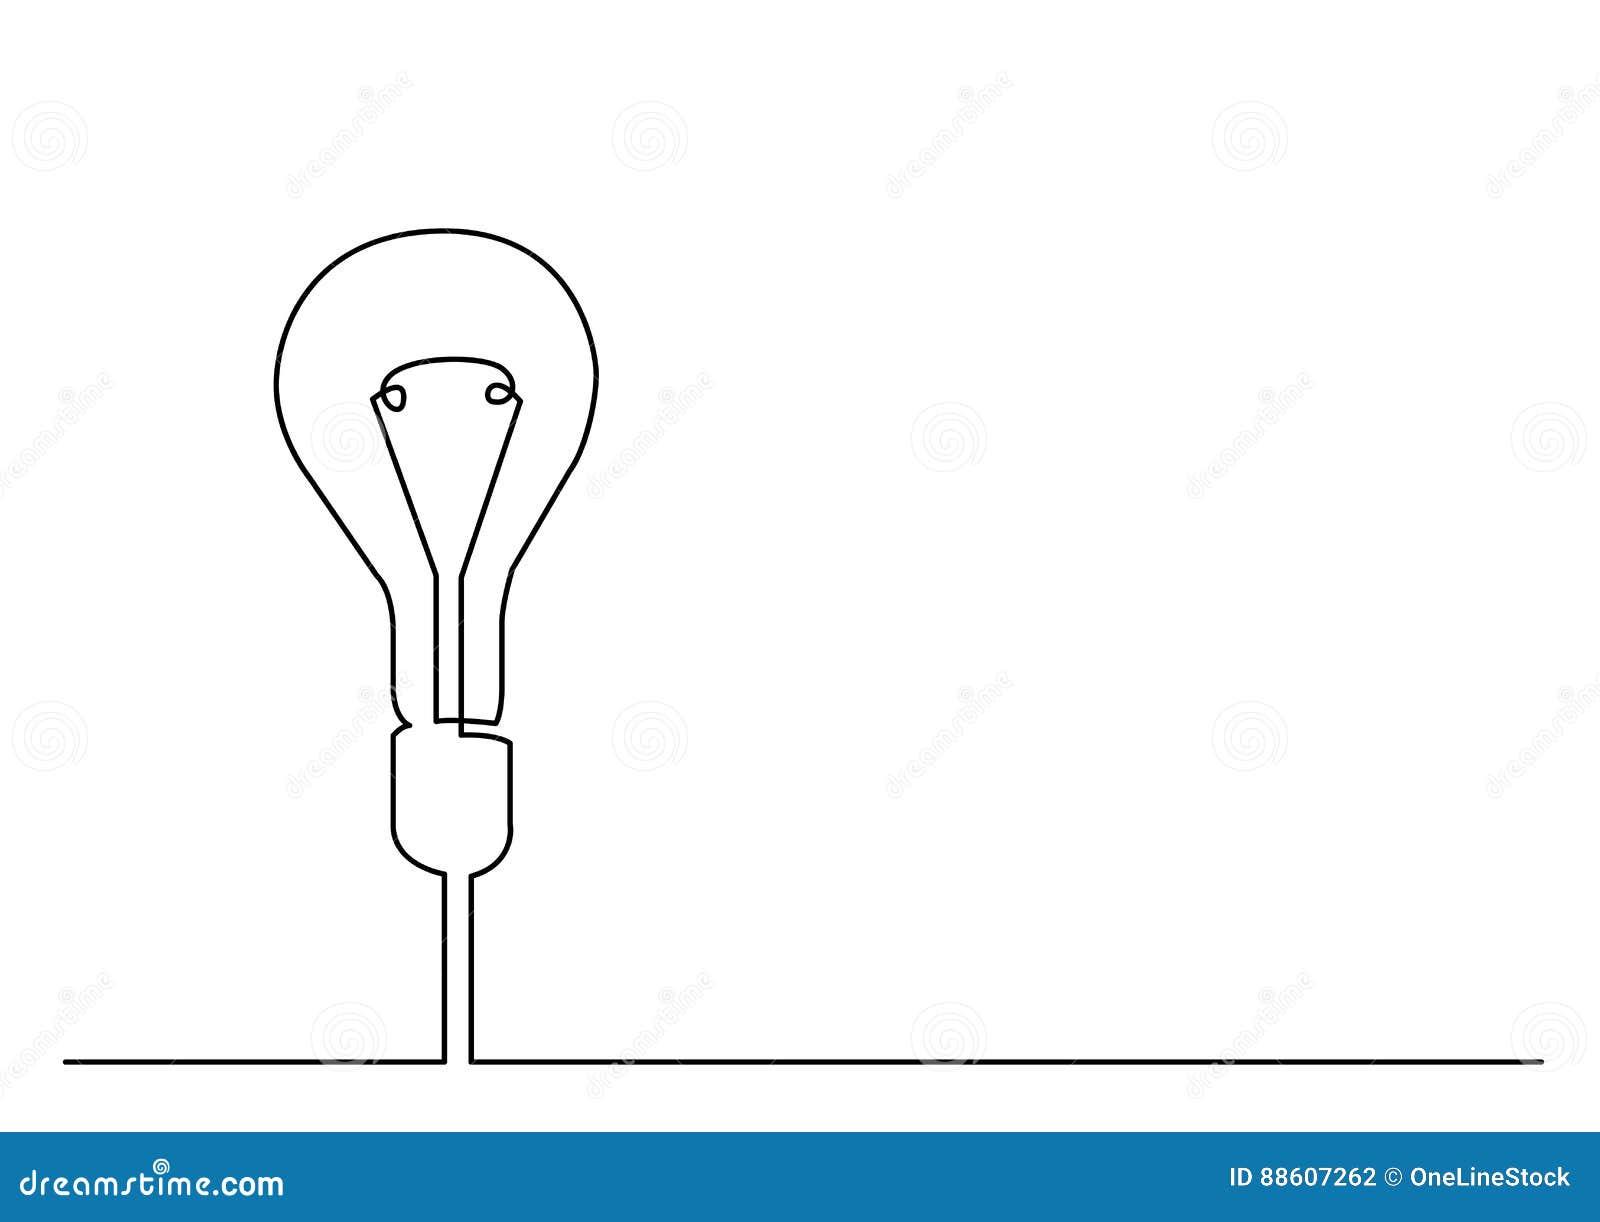 Disegno a tratteggio continuo della metafora di idea o della lampadina